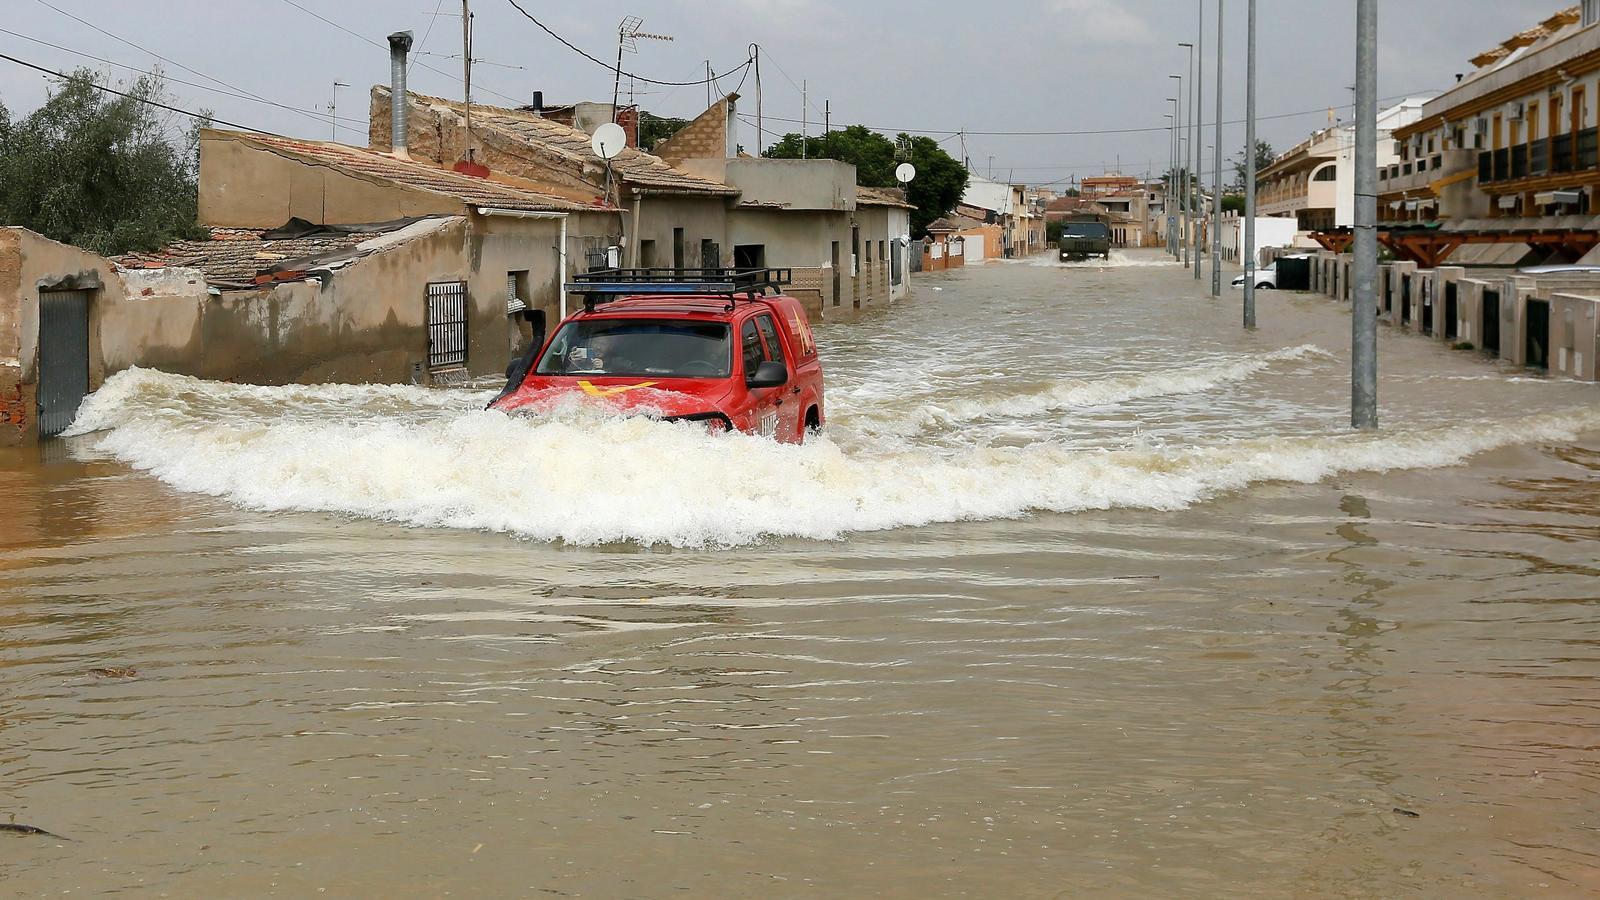 Municipi del Baix Segura on havia desaparegut un home holandès en ser arrossegat per l'aigua quan circulava amb un vehicle quad